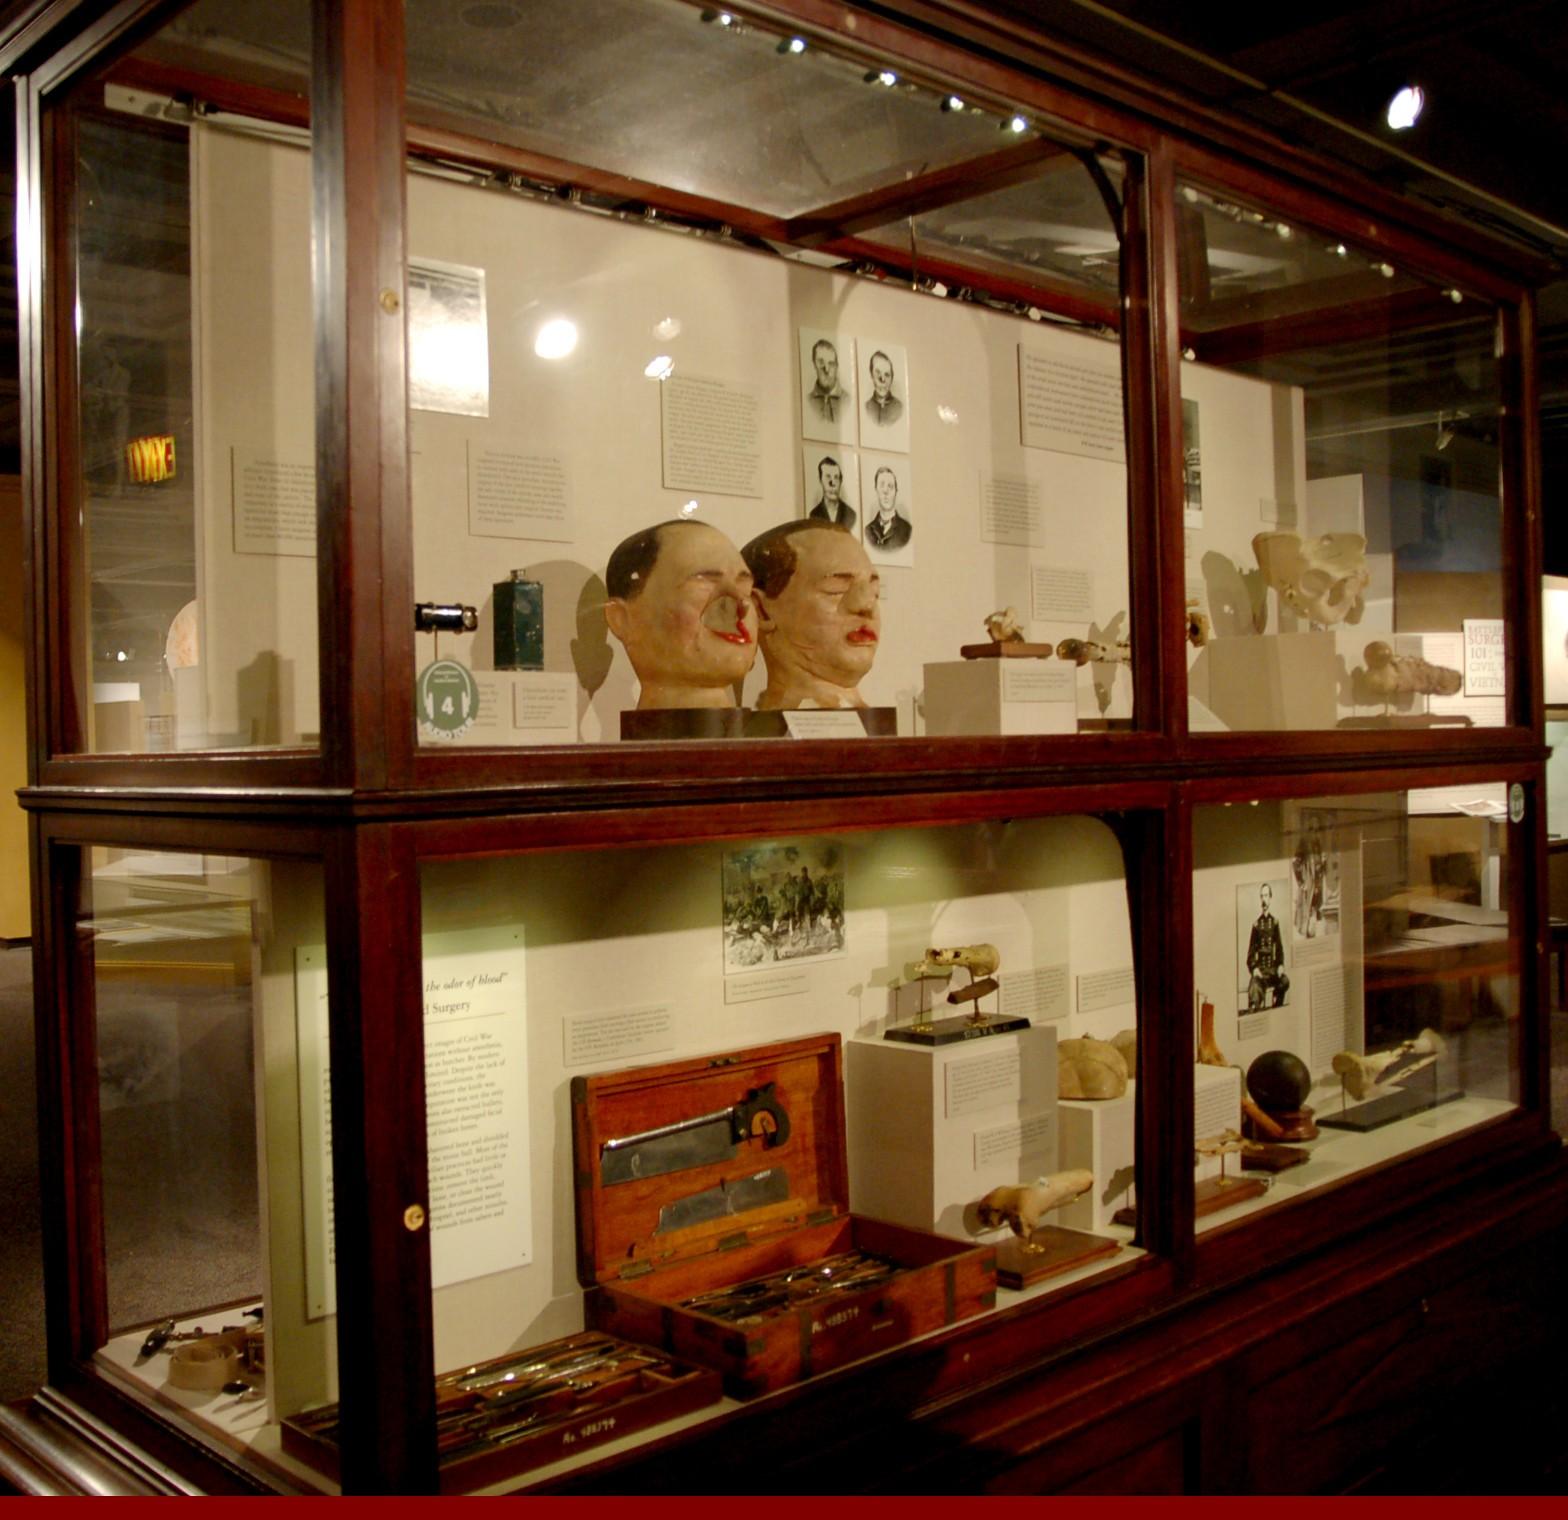 Национальный музей здоровья и медицины в Вашингтоне, округ Колумбия, США